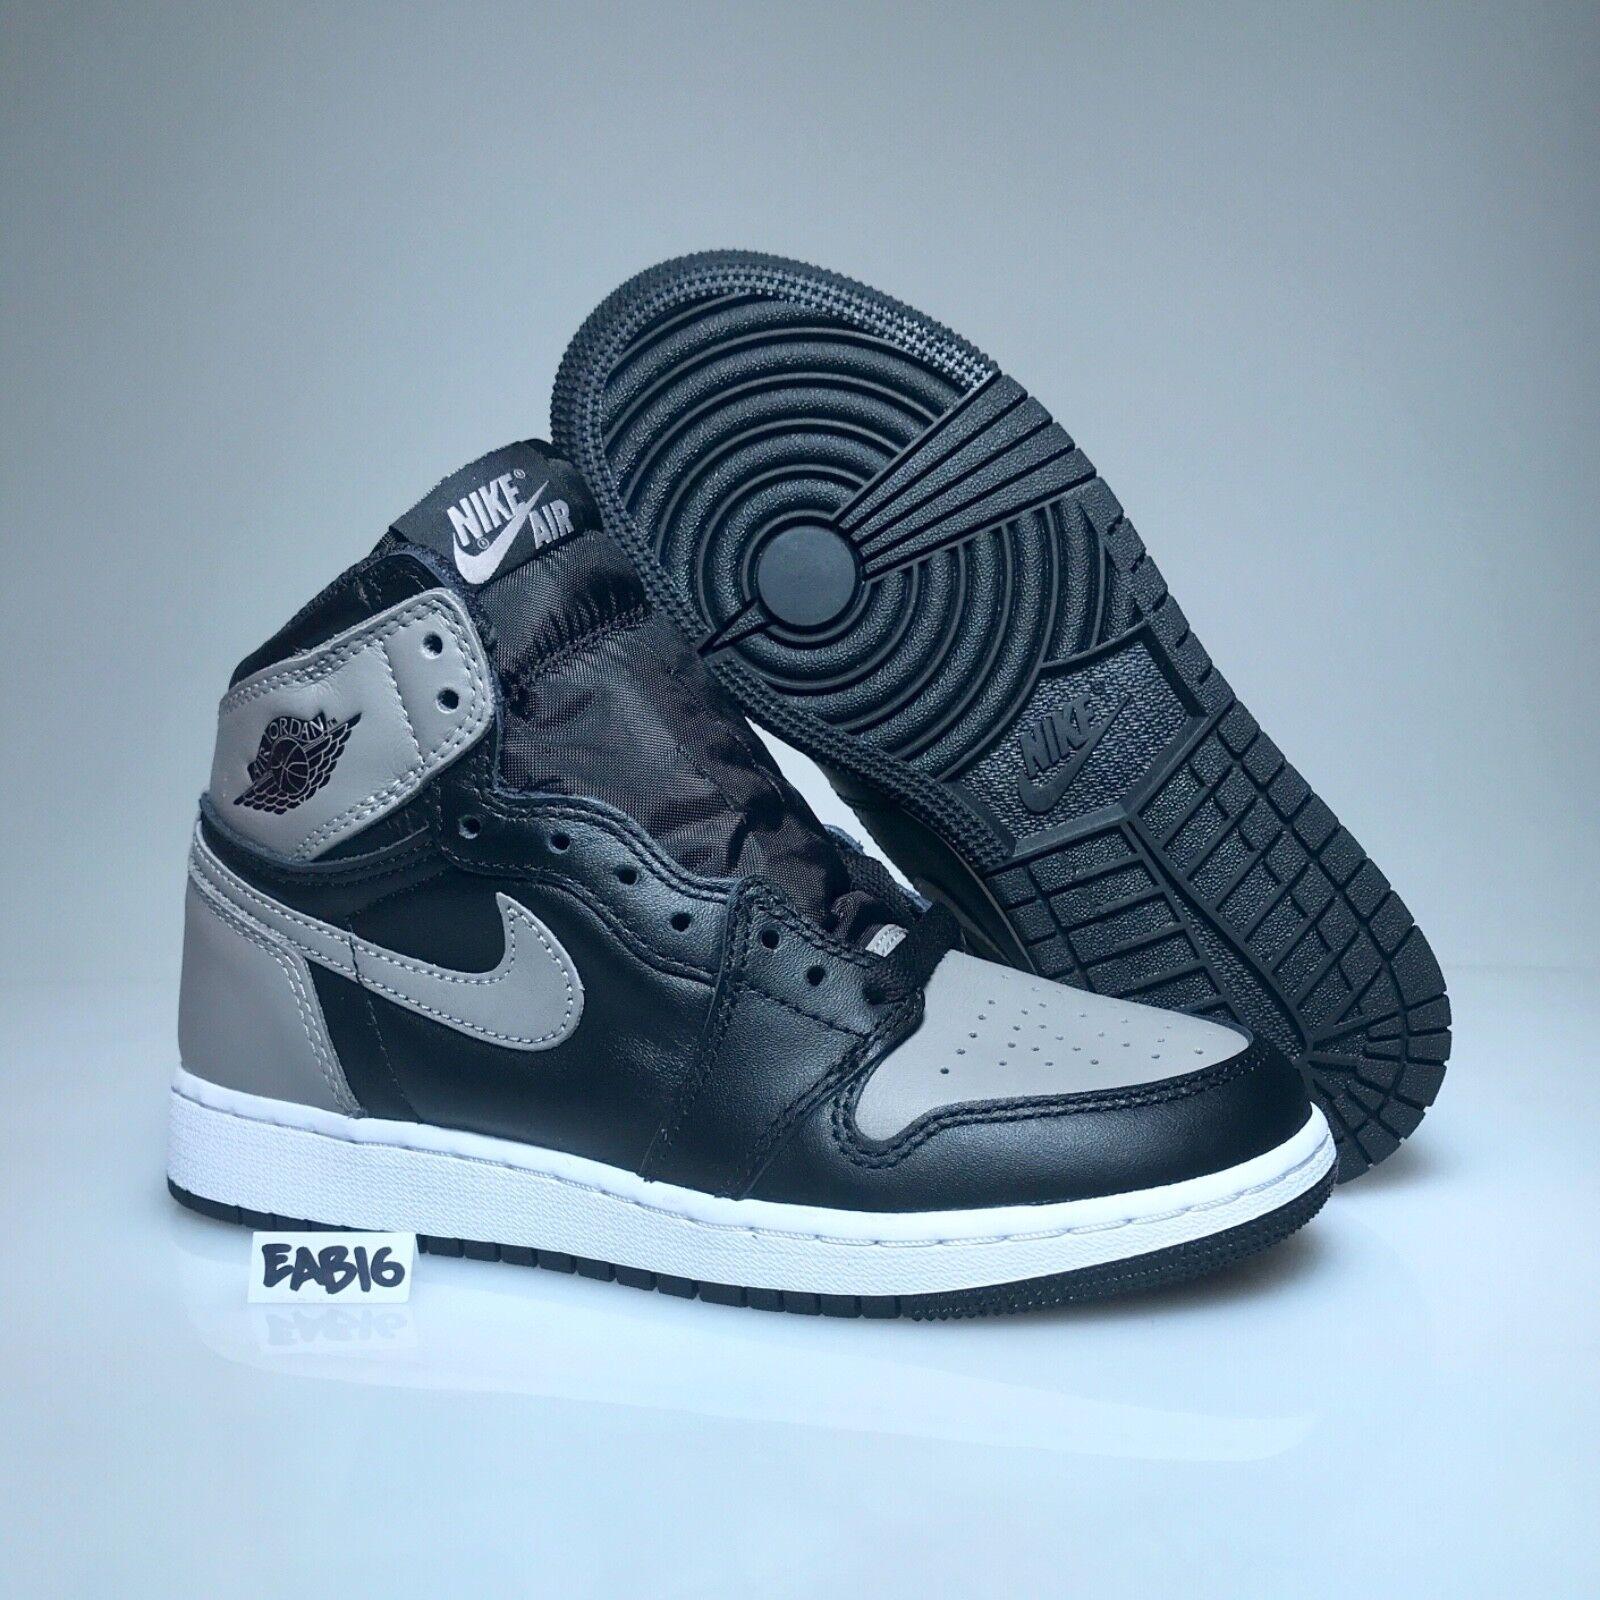 Nike Air Jordan 1 retro og BG sombra Gris negro gris 575441 013 Gris sombra Grade School GS el último descuento zapatos para hombres y mujeres 4adc32